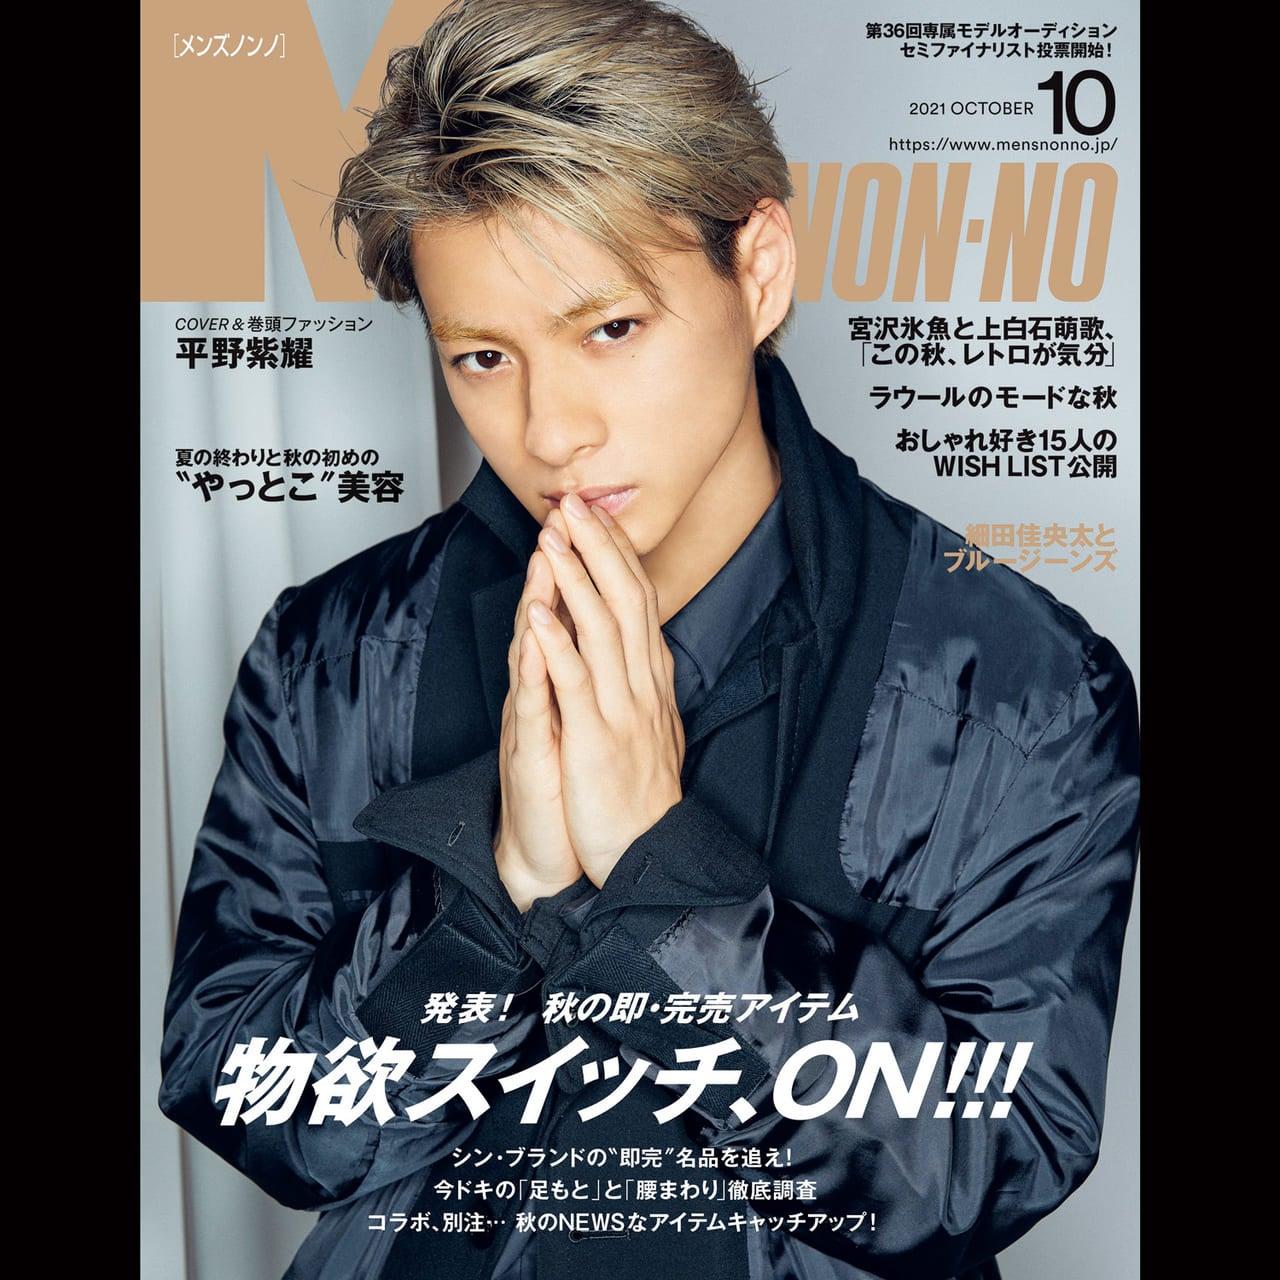 メンズノンノ10月号発売中。総力大特集は「物欲スイッチ、ON!!!」。